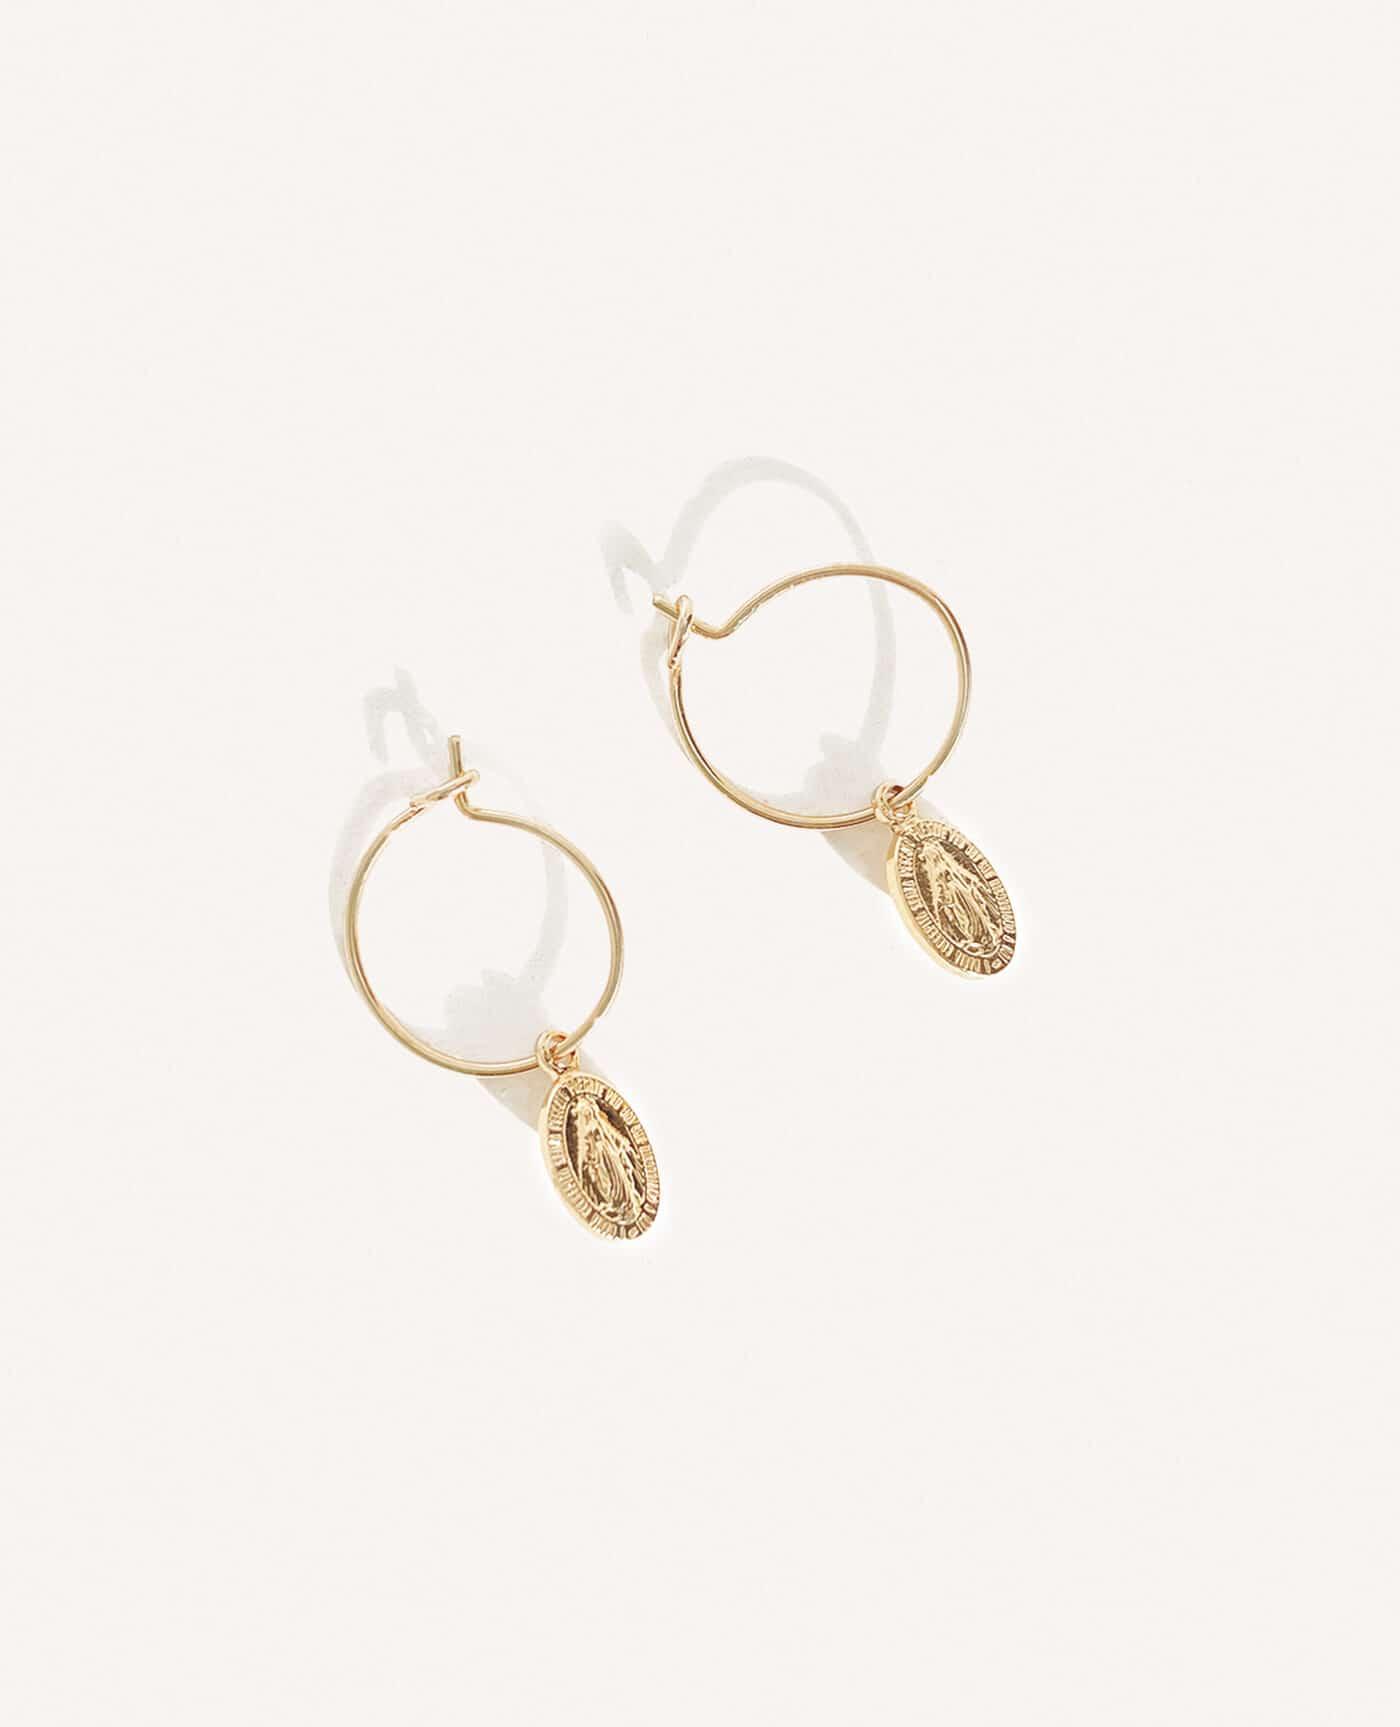 Boucles d'oreilles Miracle en or médailles vierge miracle de la marque Luj Paris